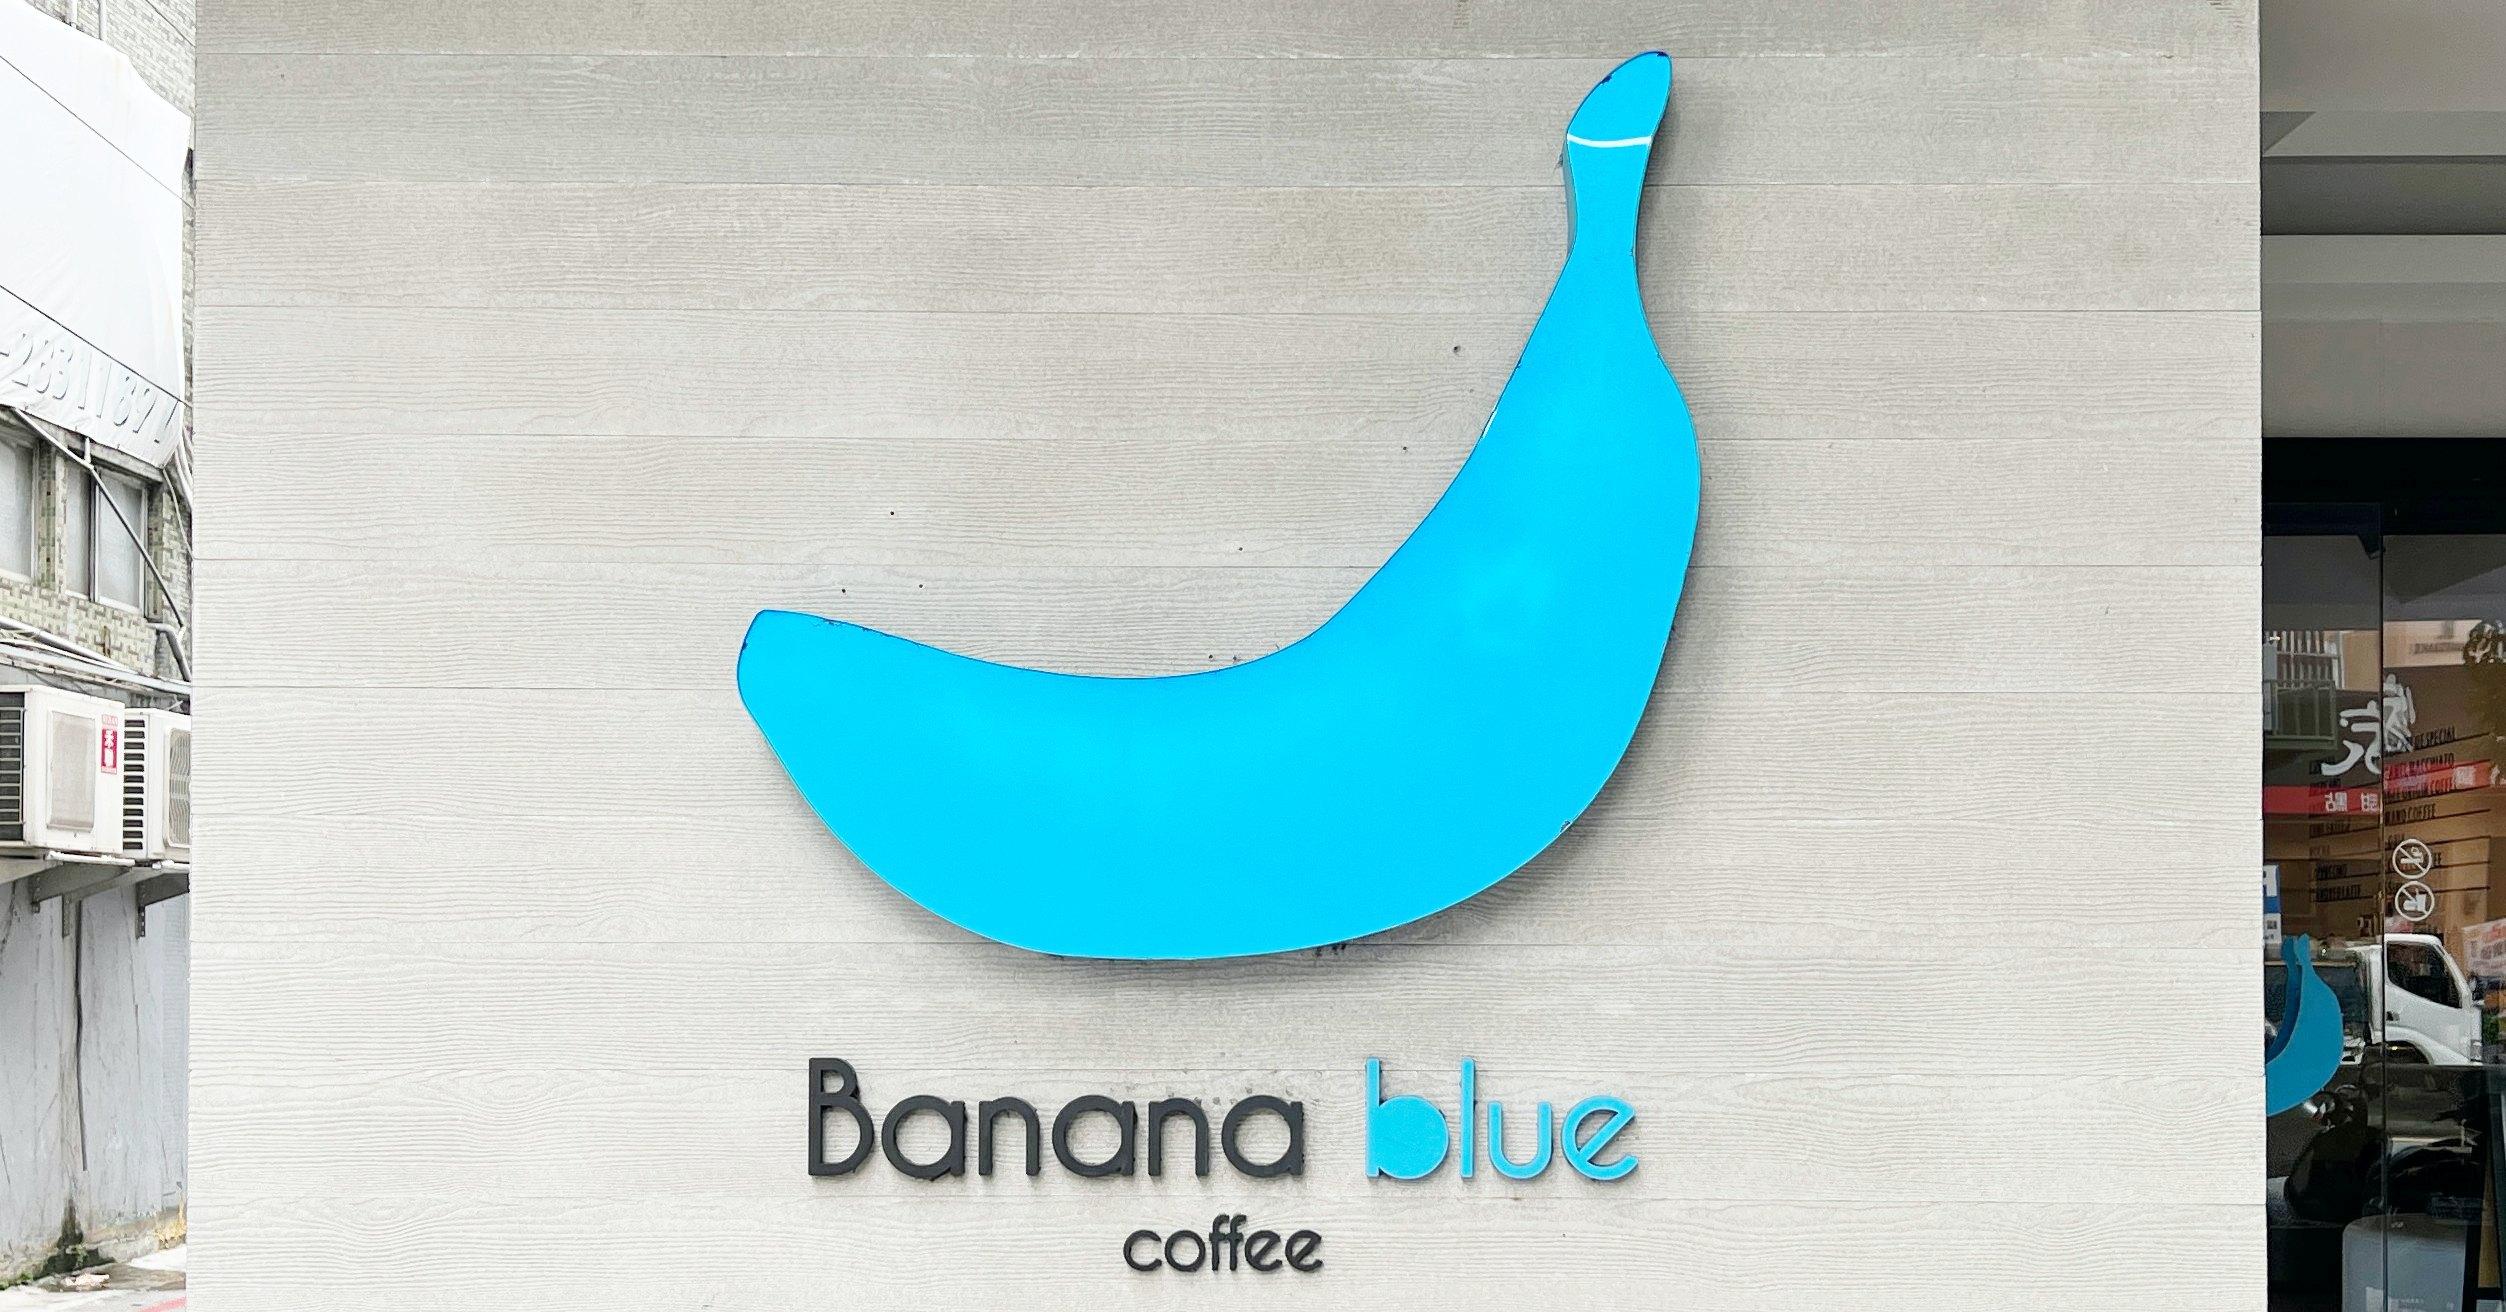 今日熱門文章:【士林美食】Banana blue Coffee 藍蕉咖啡,士林咖啡店推薦 (菜單)